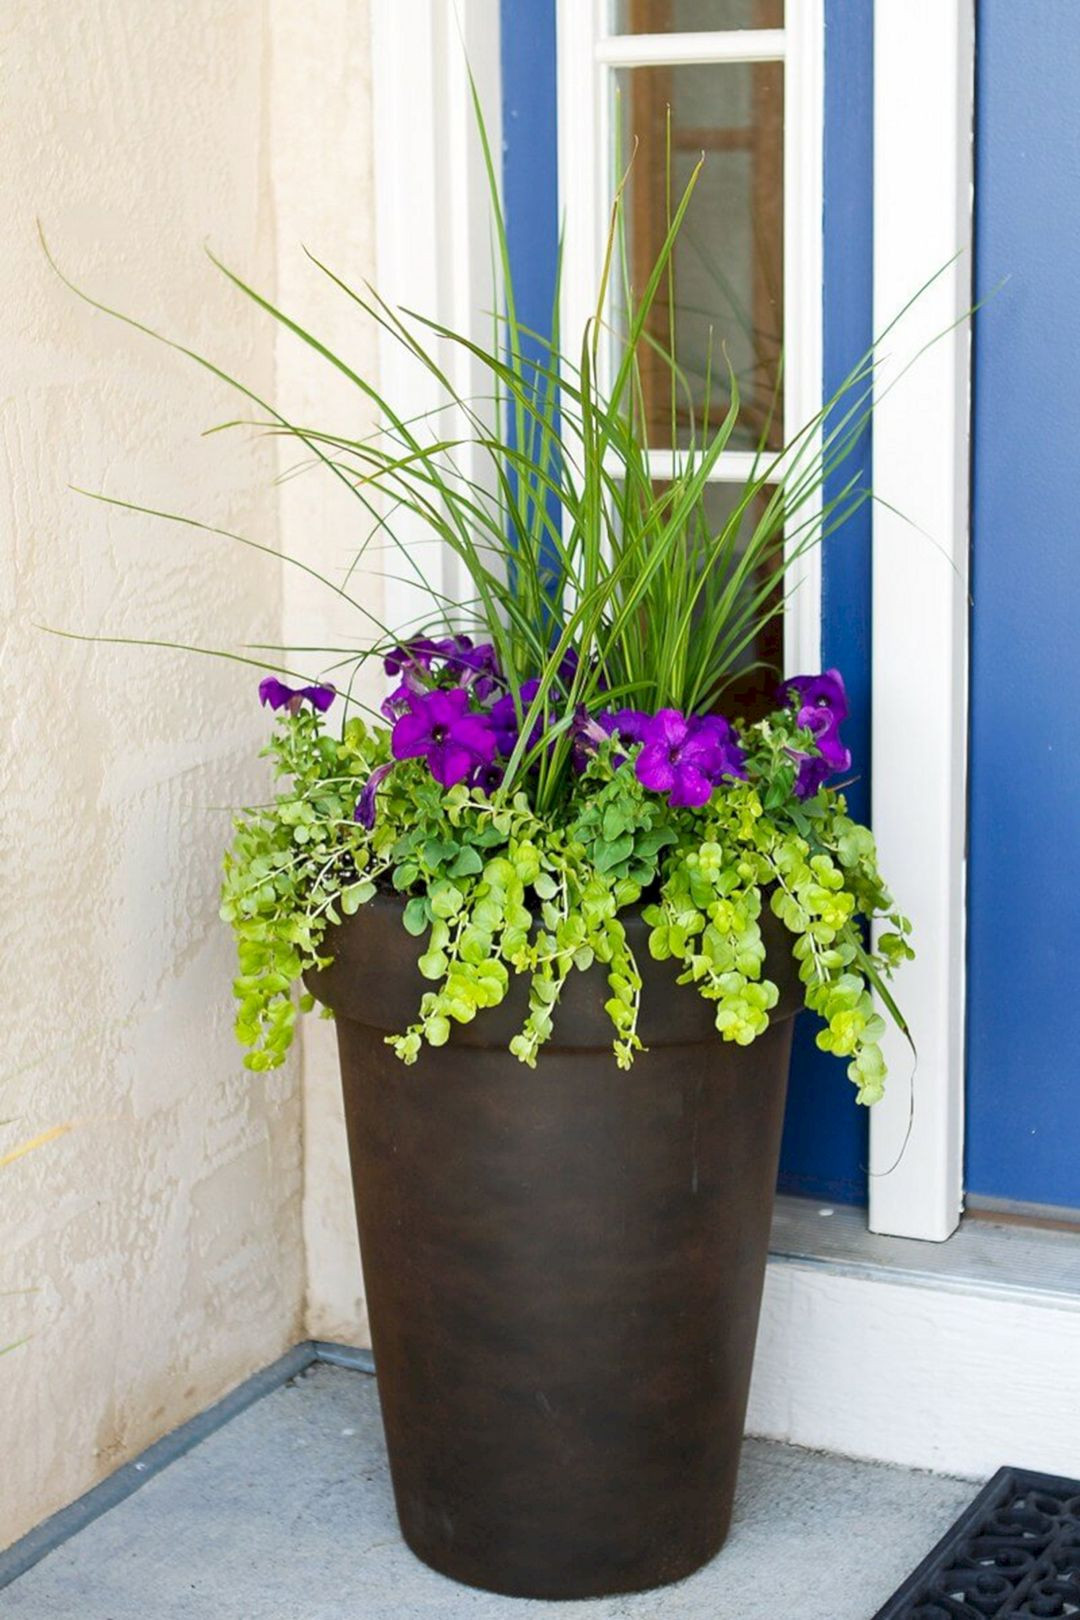 Best ideas about Front Porch Planter Ideas . Save or Pin Front Porch Flower Planter Ideas 6 Front Porch Flower Now.